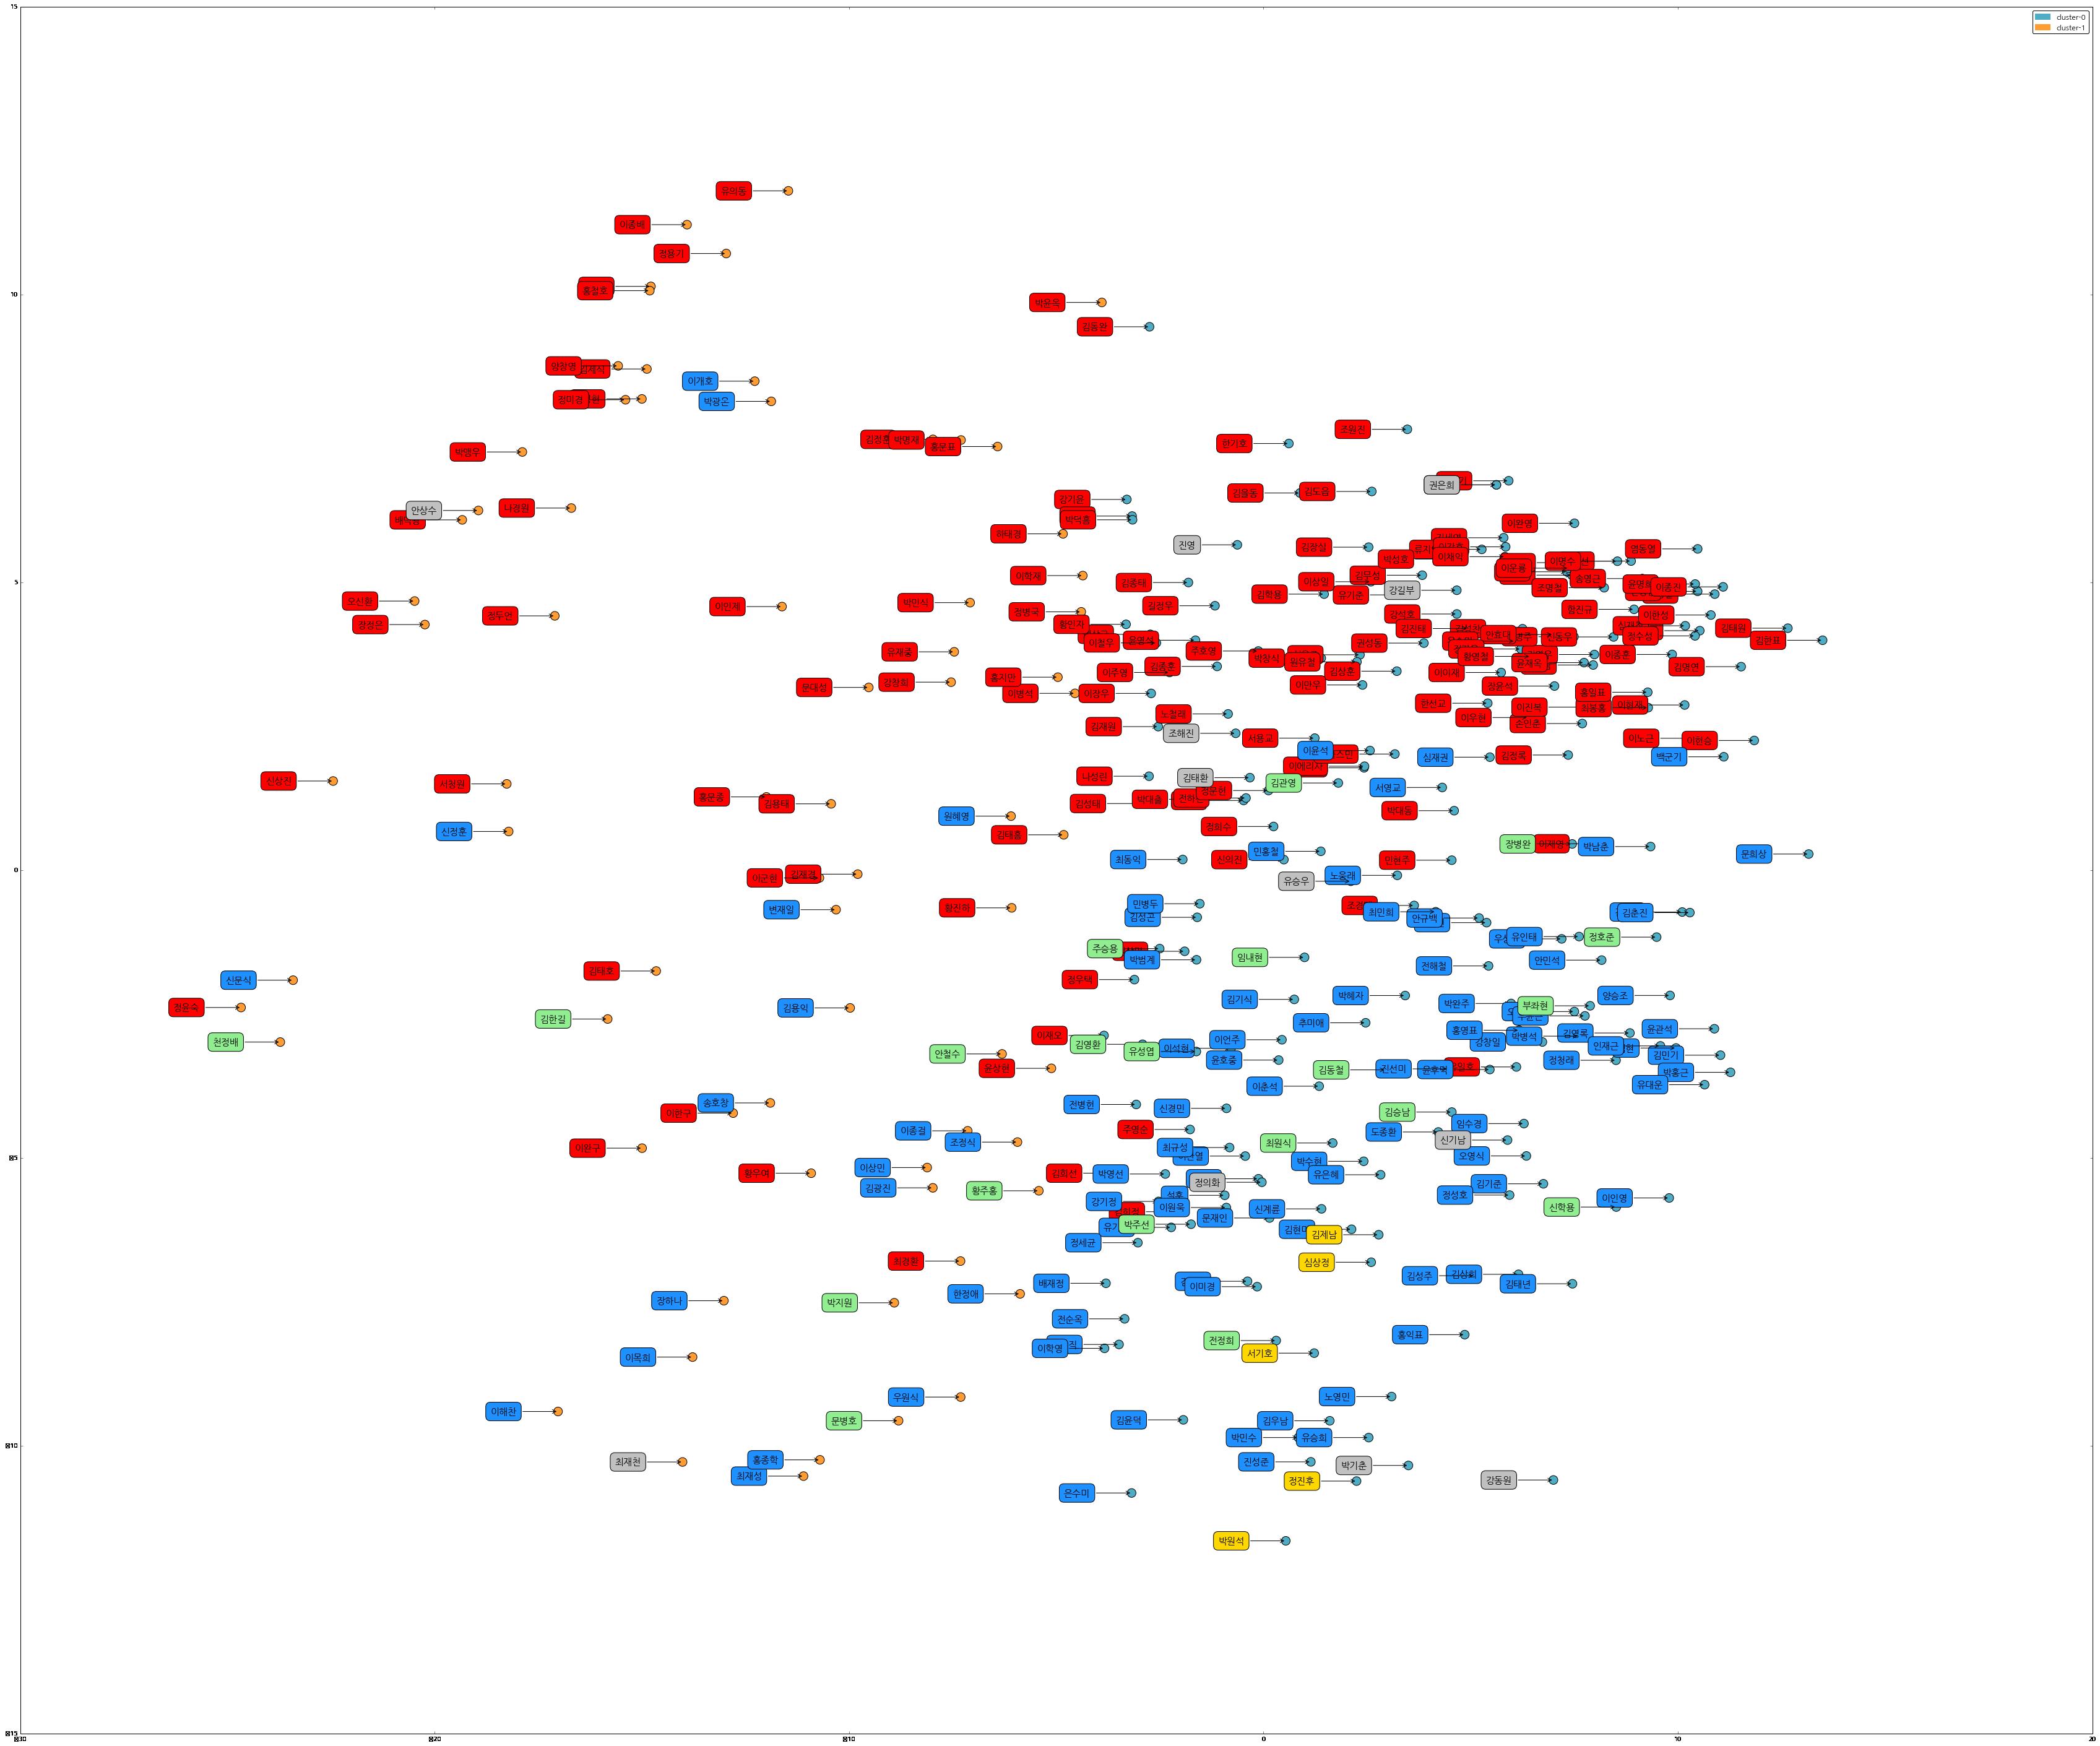 그림2. 국회의원 성향 클러스터링 결과에 정당명과 국회의원 이름 레이블링